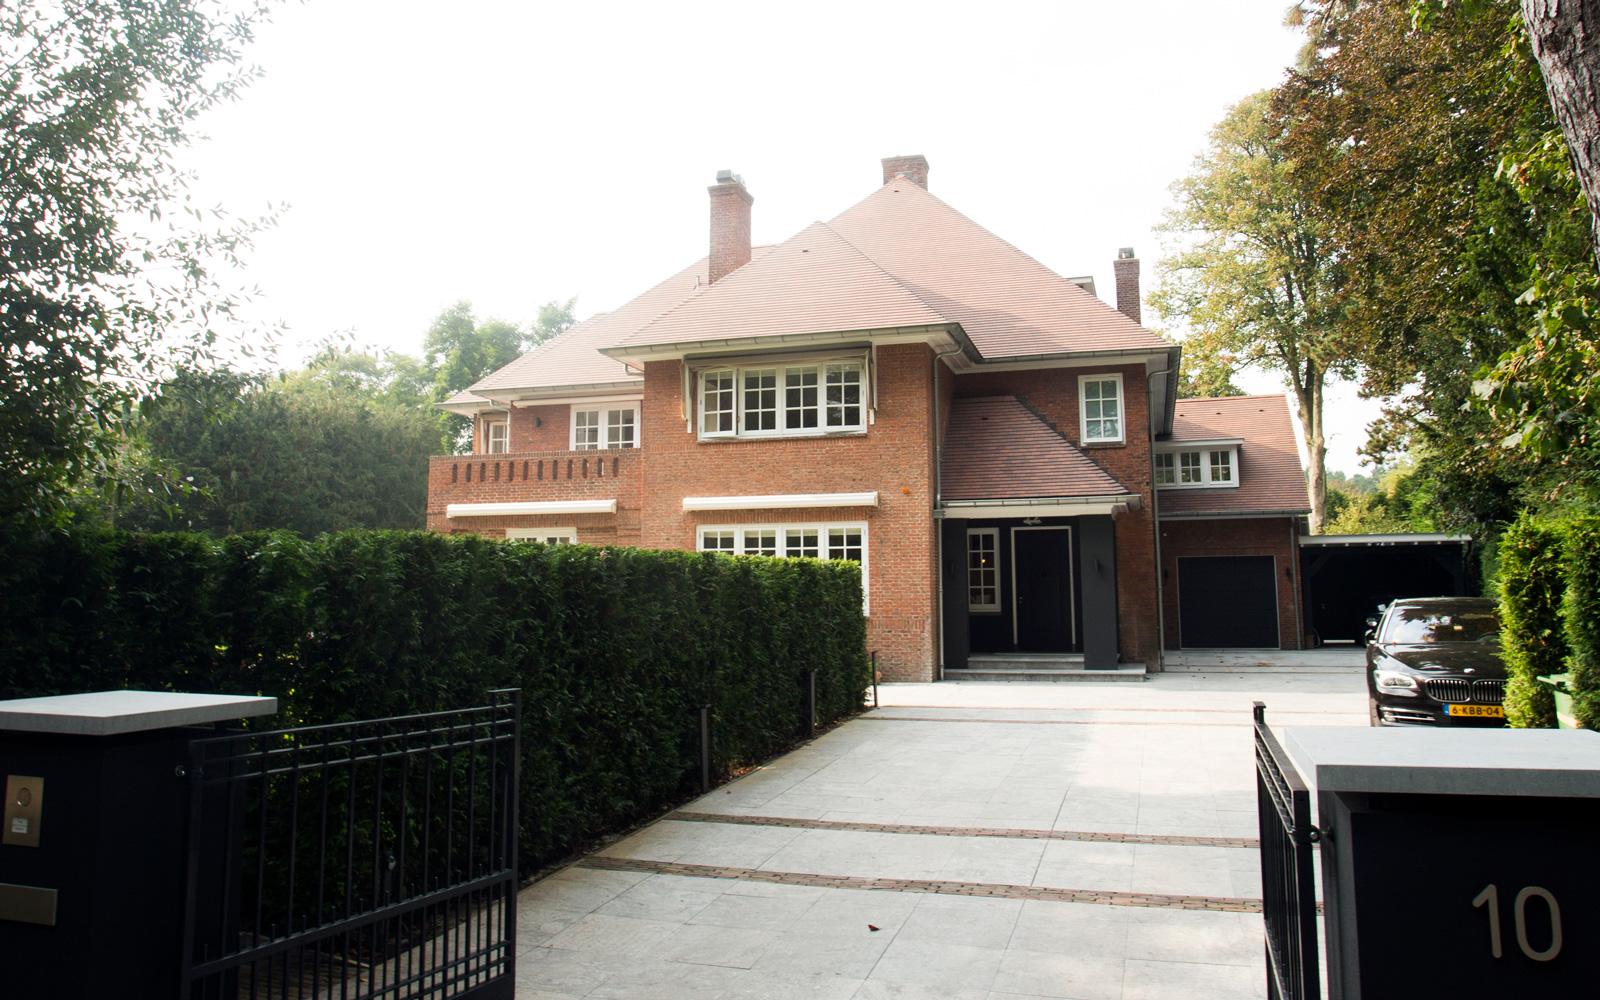 Realisatie door Van Egmond totaal architectuur.